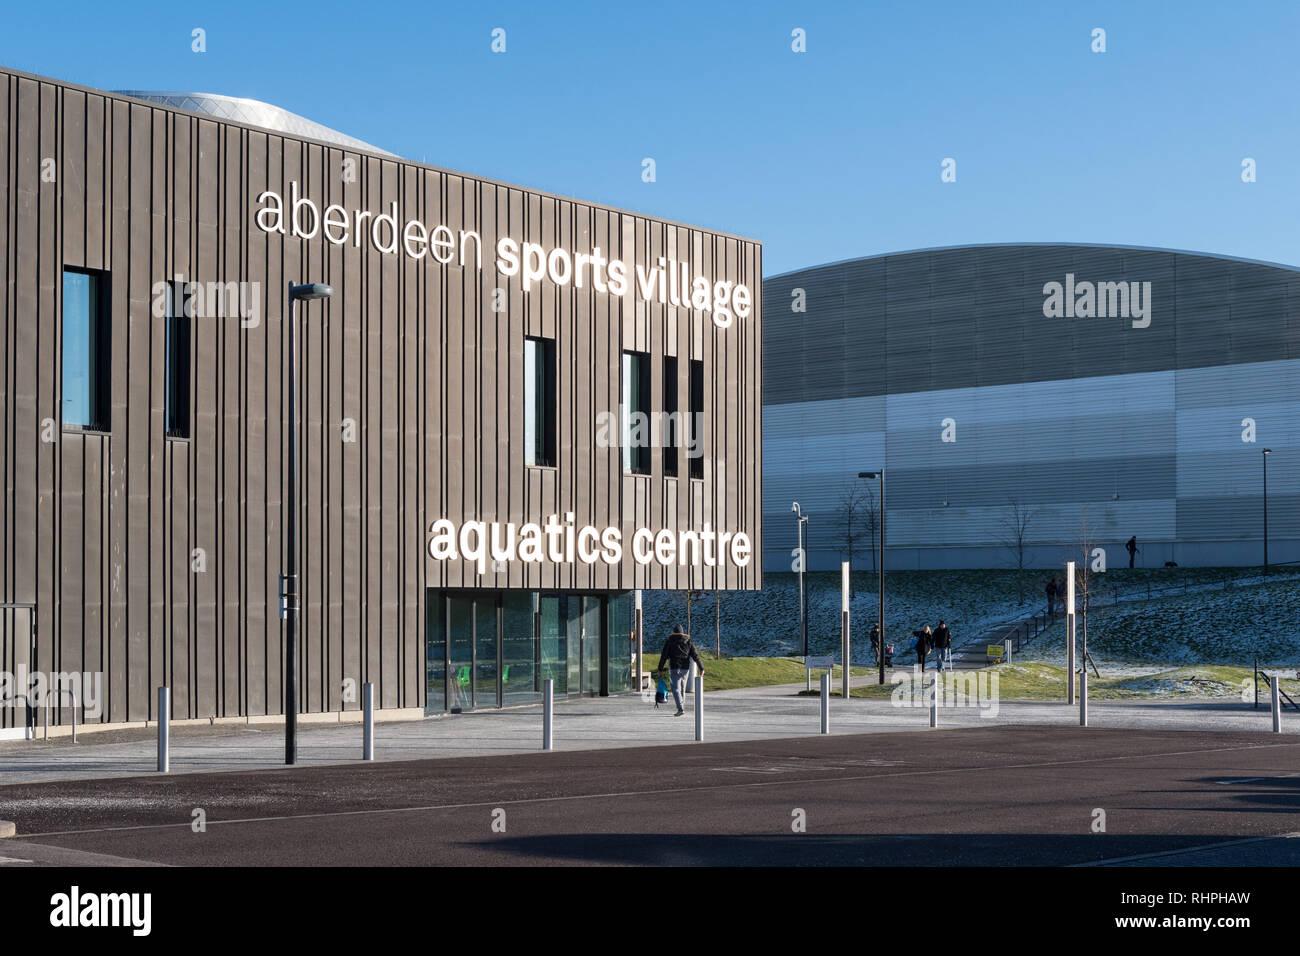 Aberdeen Sports Village e Aquatics Centre, Aberdeen Scotland, Regno Unito Immagini Stock